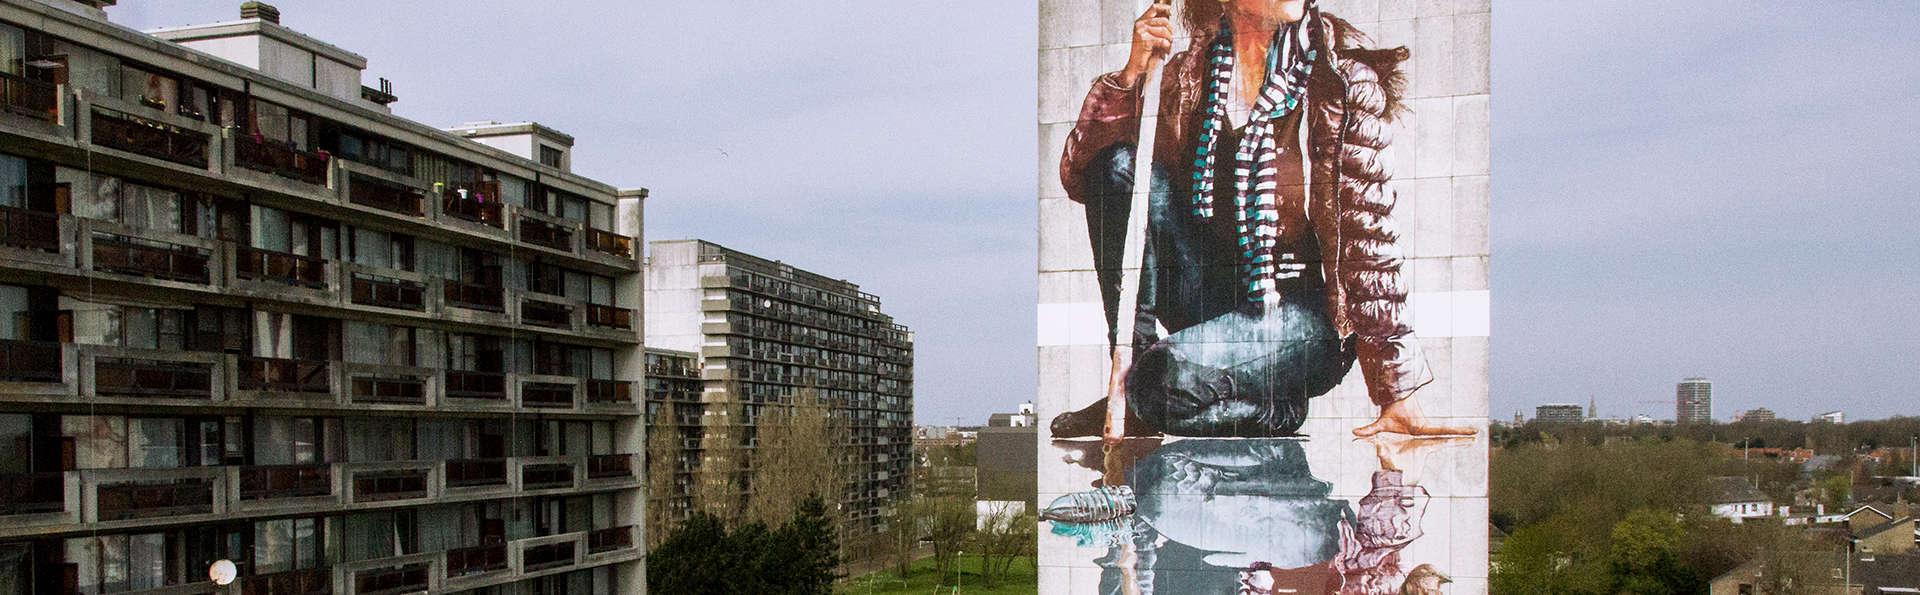 Profitez d'un bol d'air frais sur la côte d'Ostende avec le Street Art Tour